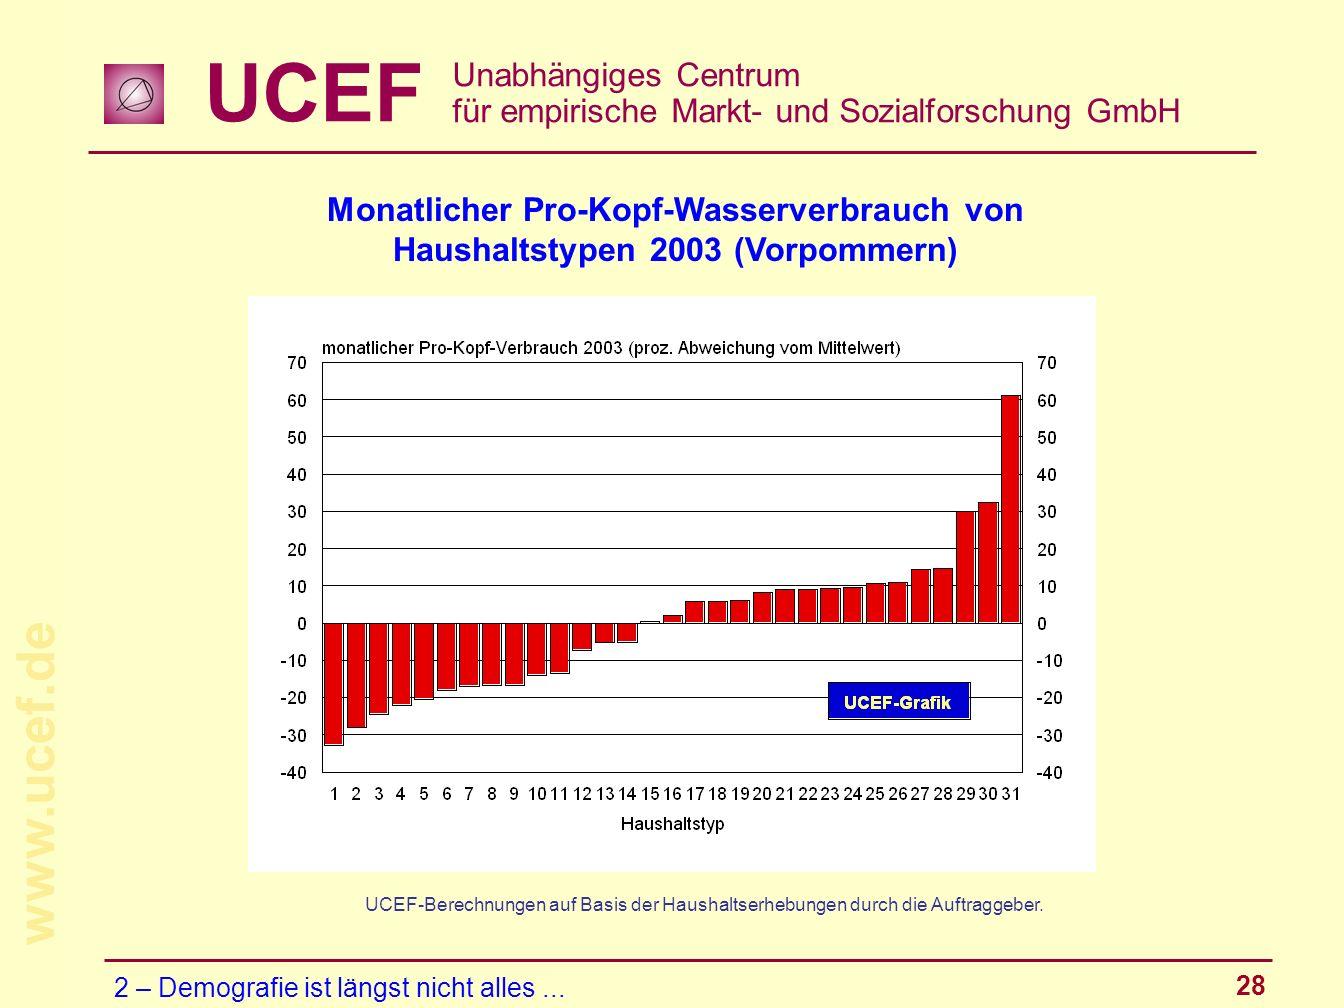 UCEF Unabhängiges Centrum für empirische Markt- und Sozialforschung GmbH www.ucef.de 28 Monatlicher Pro-Kopf-Wasserverbrauch von Haushaltstypen 2003 (